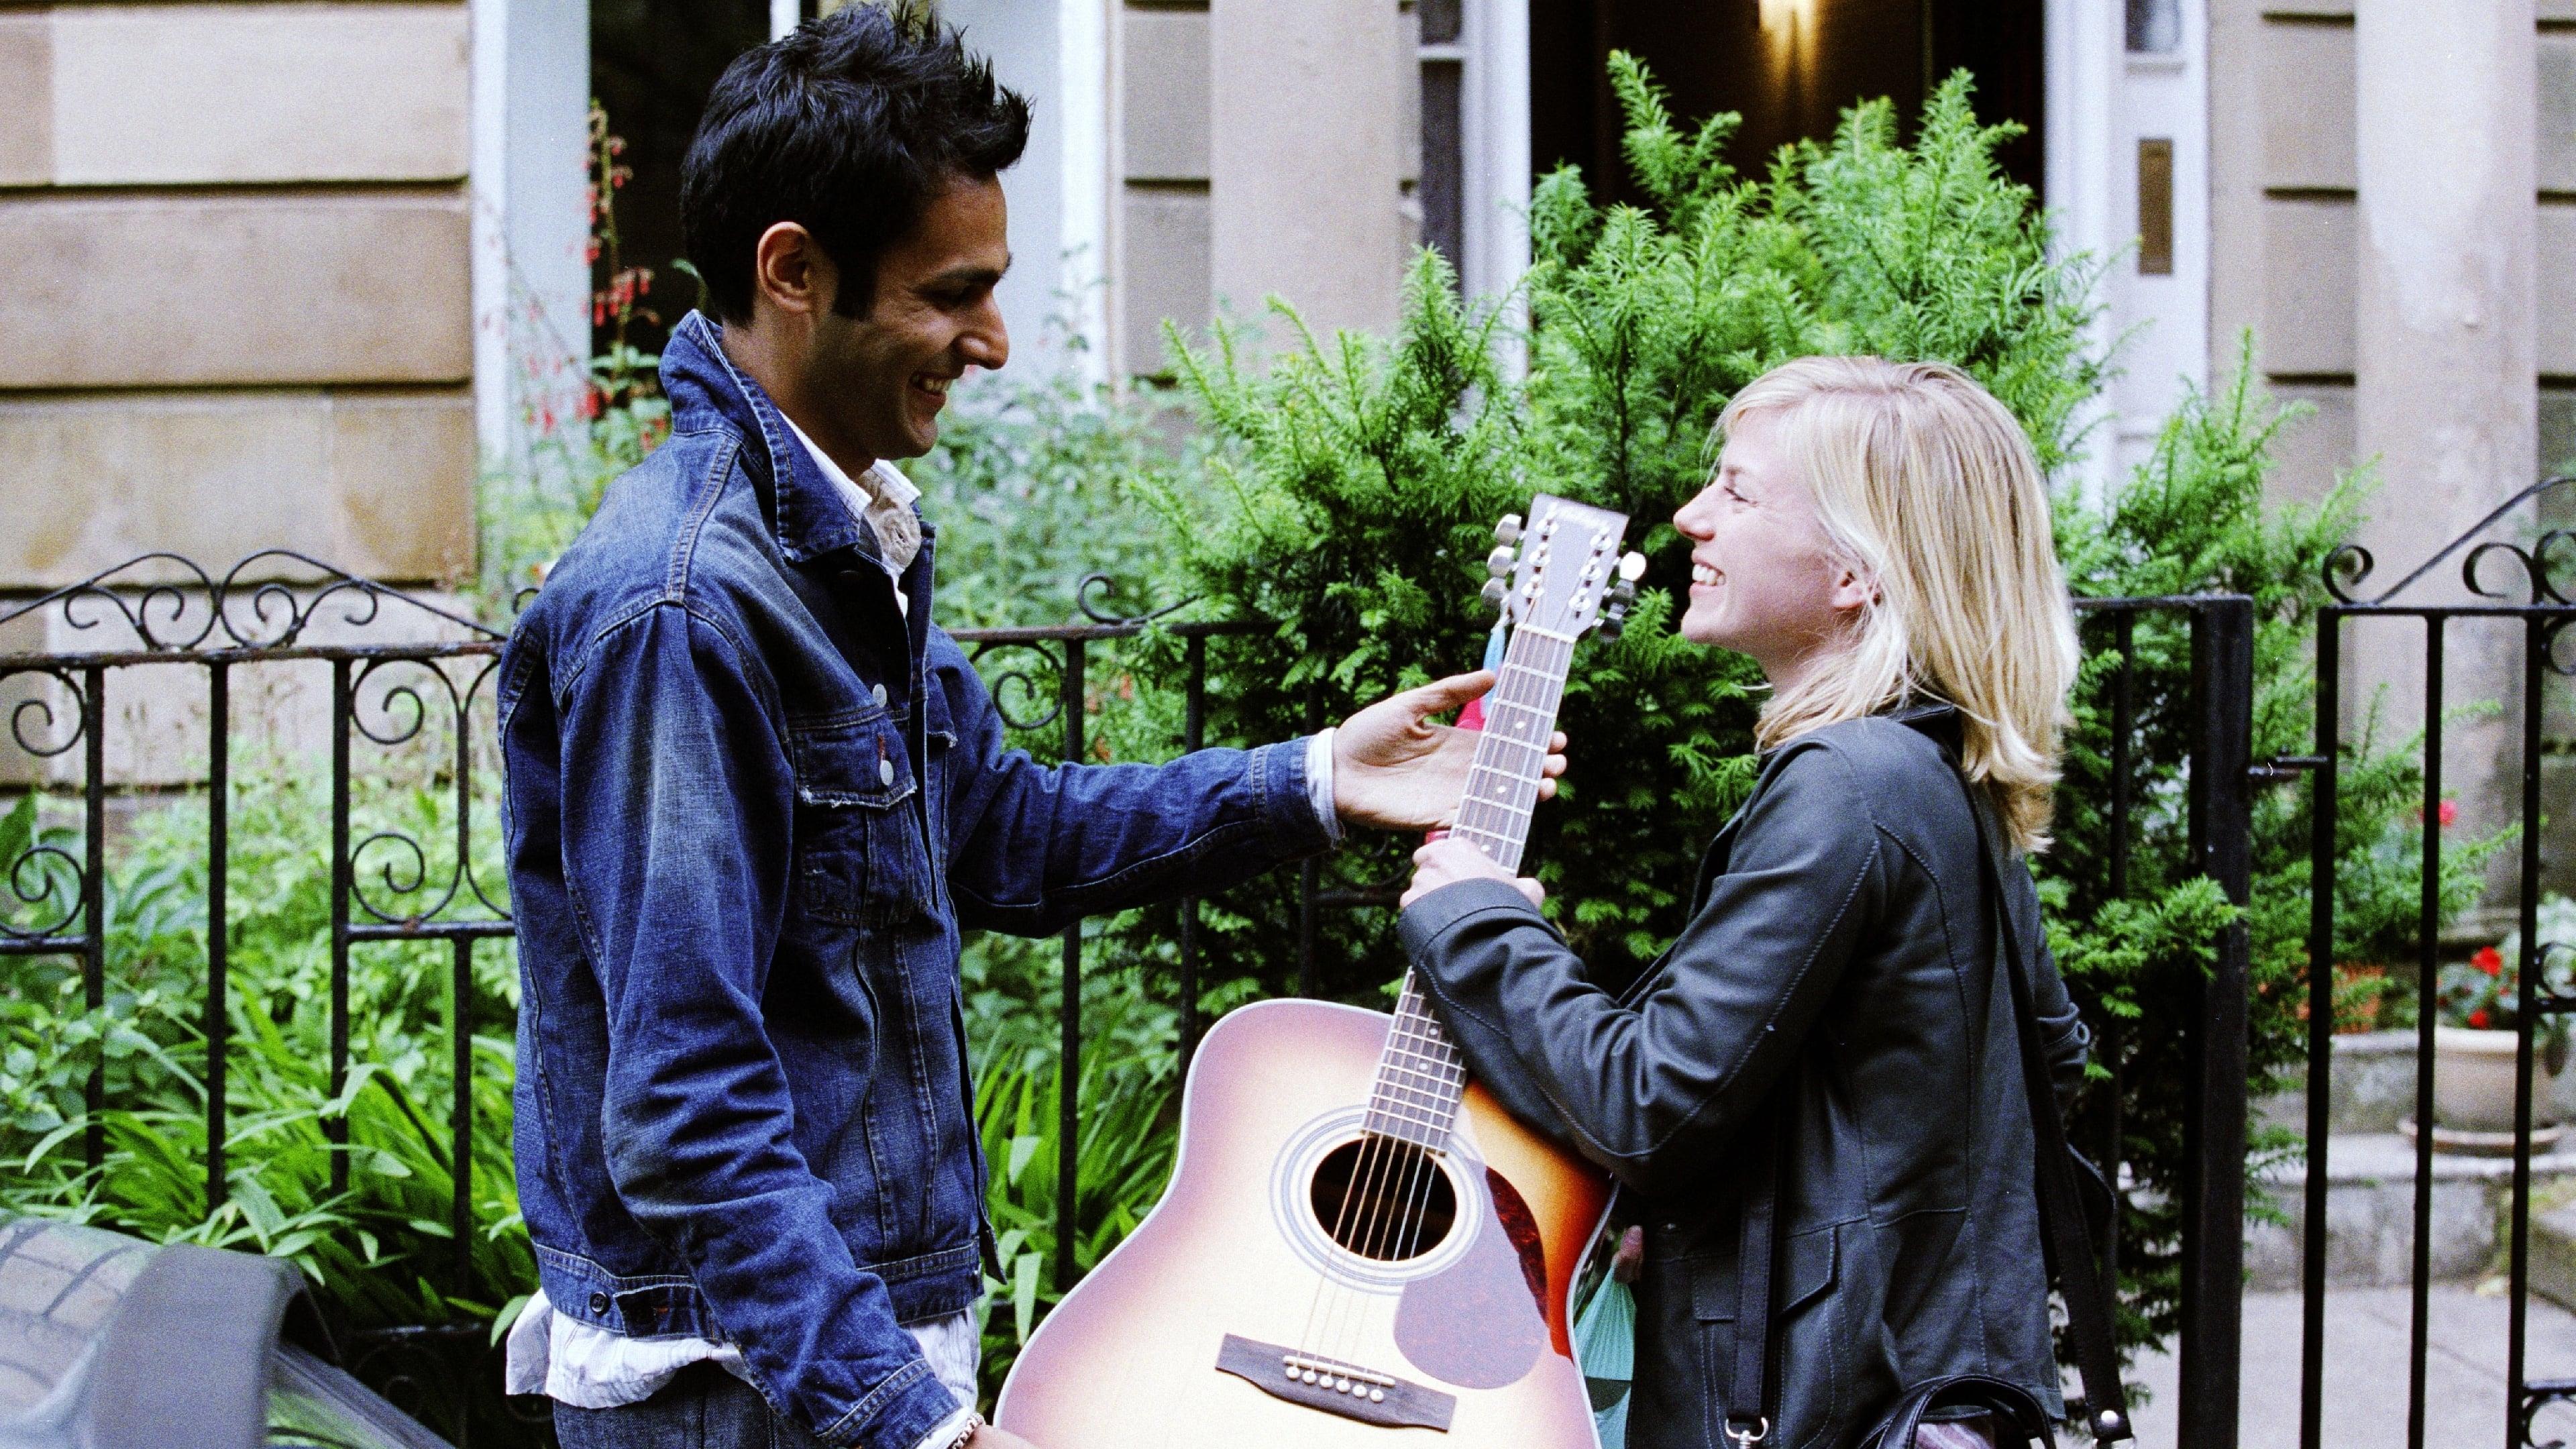 Un bacio appassionato - Film (2004)